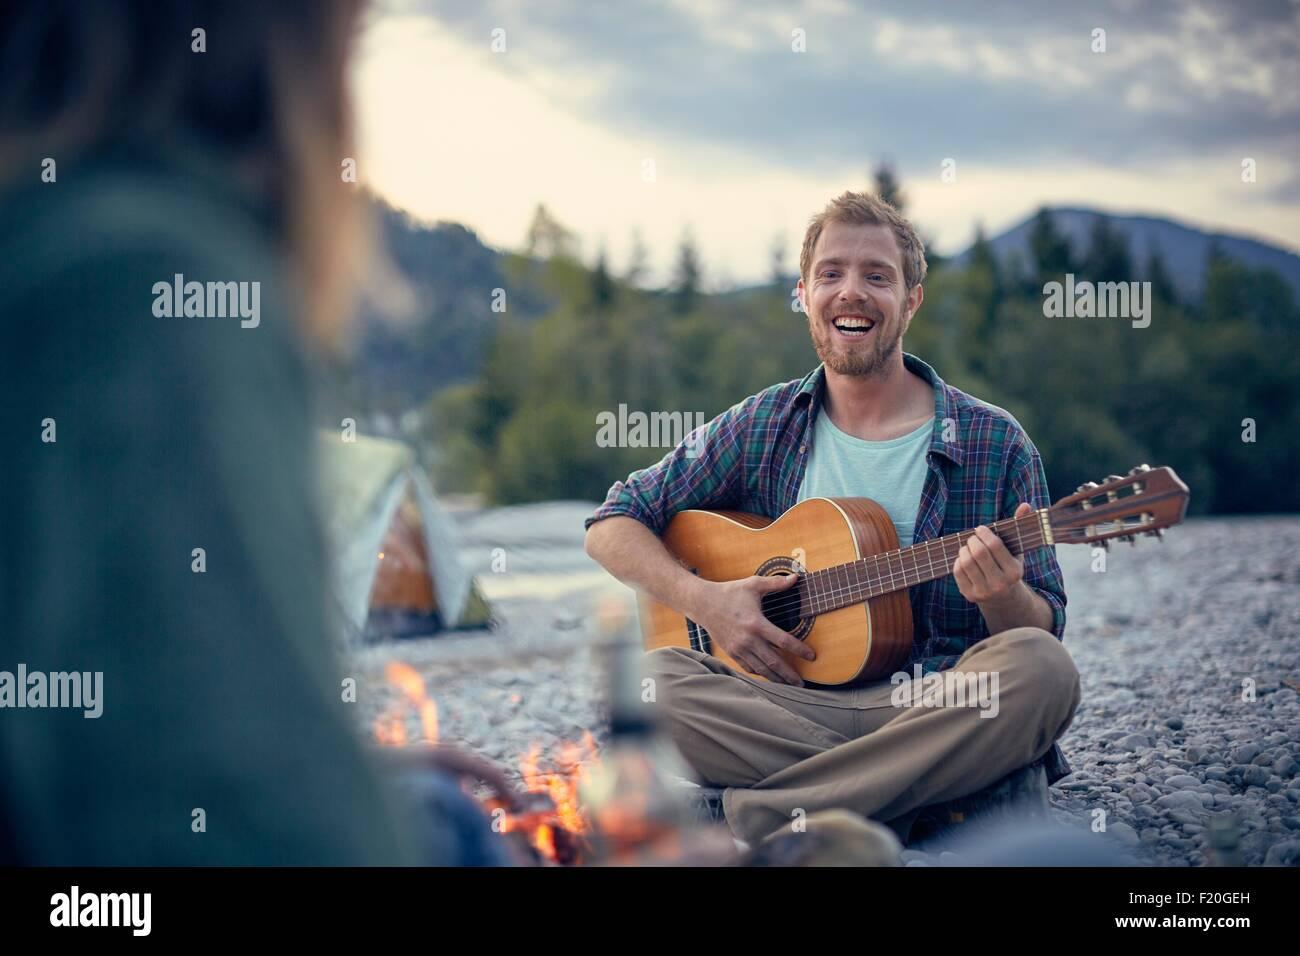 Vue avant du jeune homme assis en jouant de la guitare de feu de camp Photo Stock